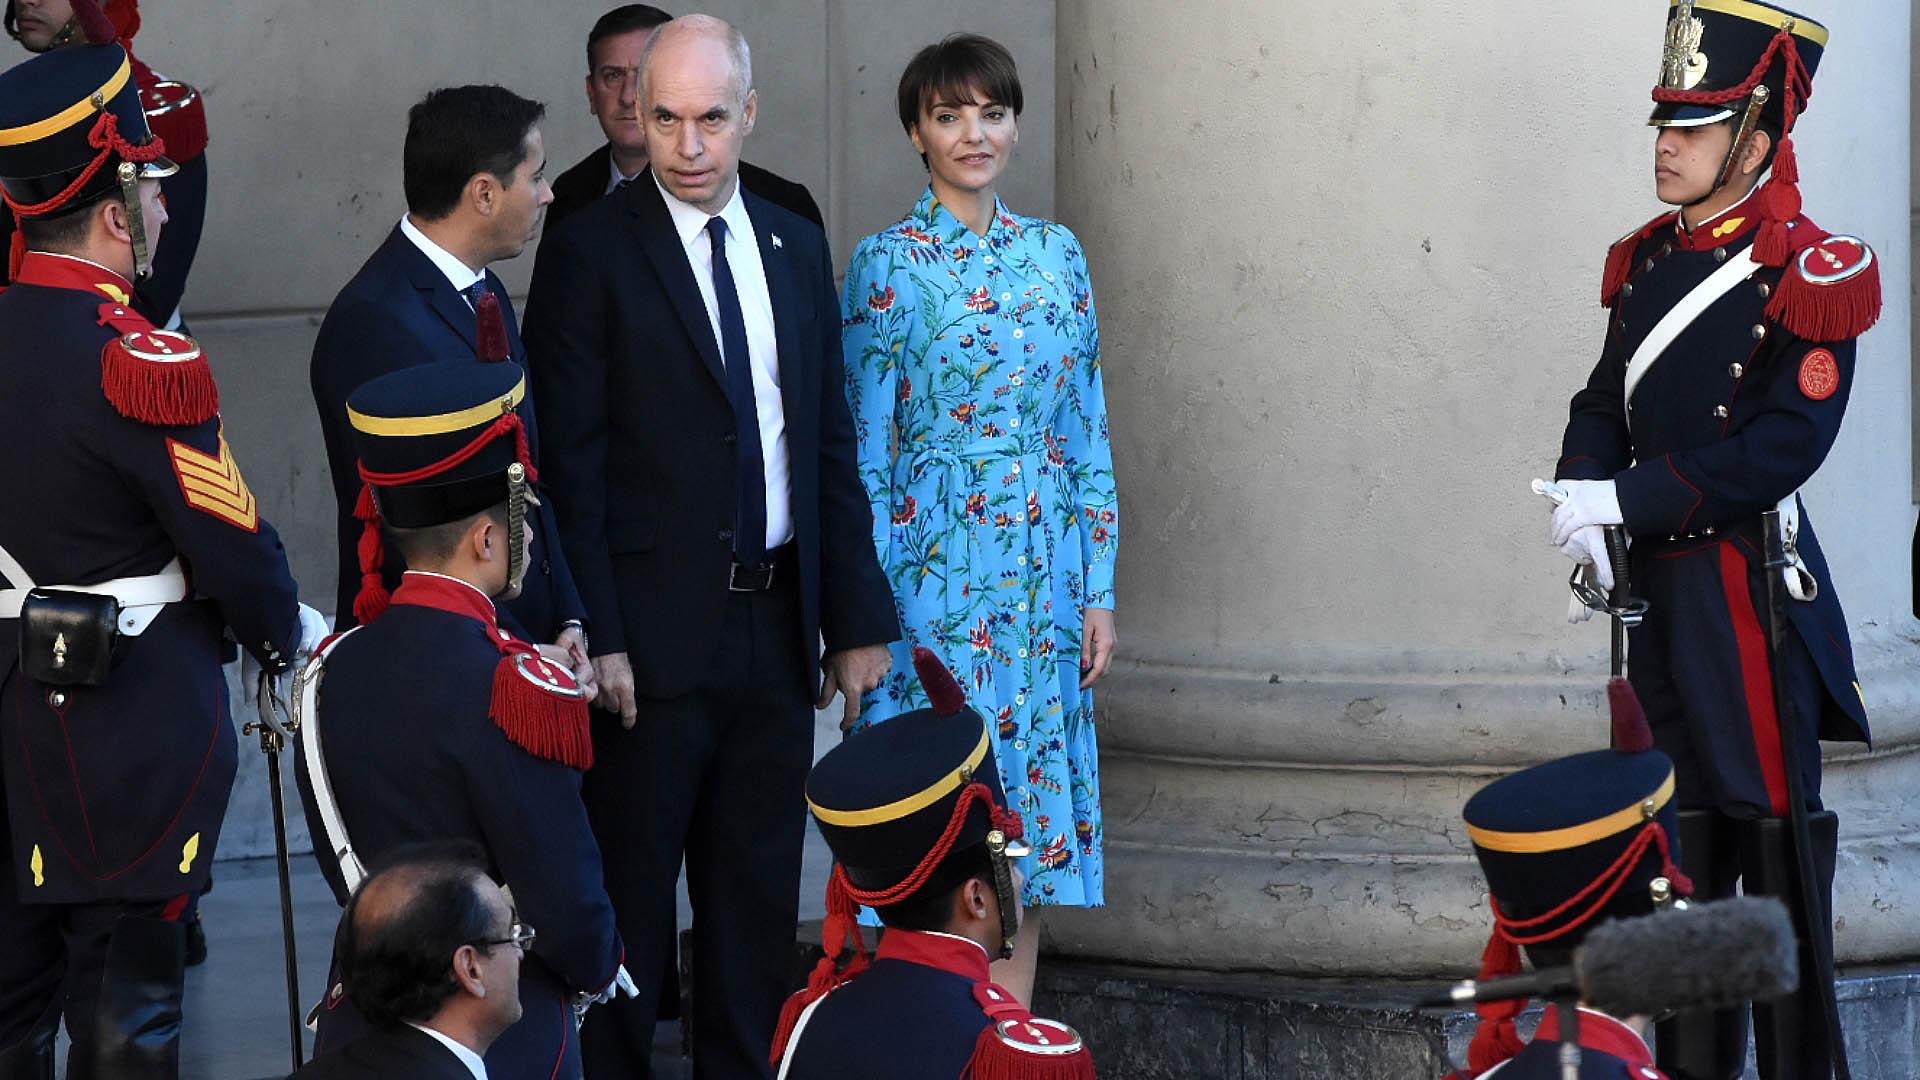 El Jefe de Gobierno, Horacio Rodríguez Larreta, junto a su mujer Bárbara Diez